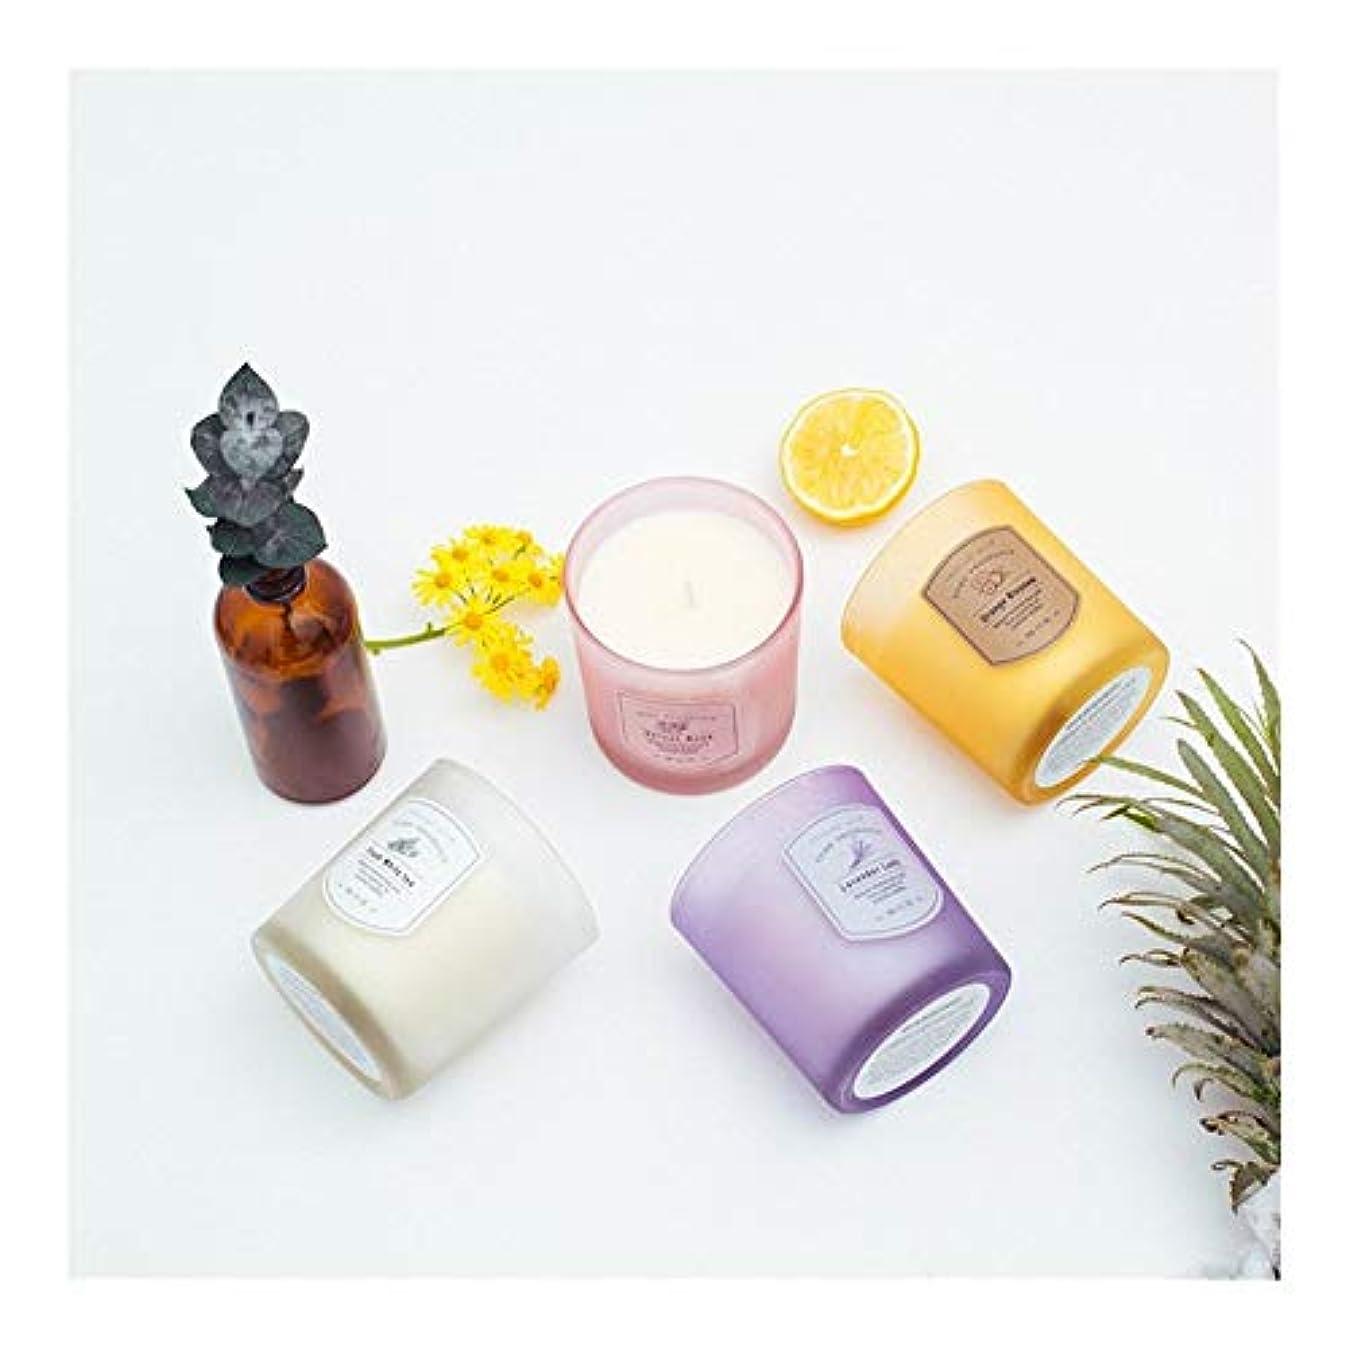 ACAO ガラスキャンドルキャンドルセット無煙フレグランスジュエリーホームアクセサリー (色 : Purple lavender)